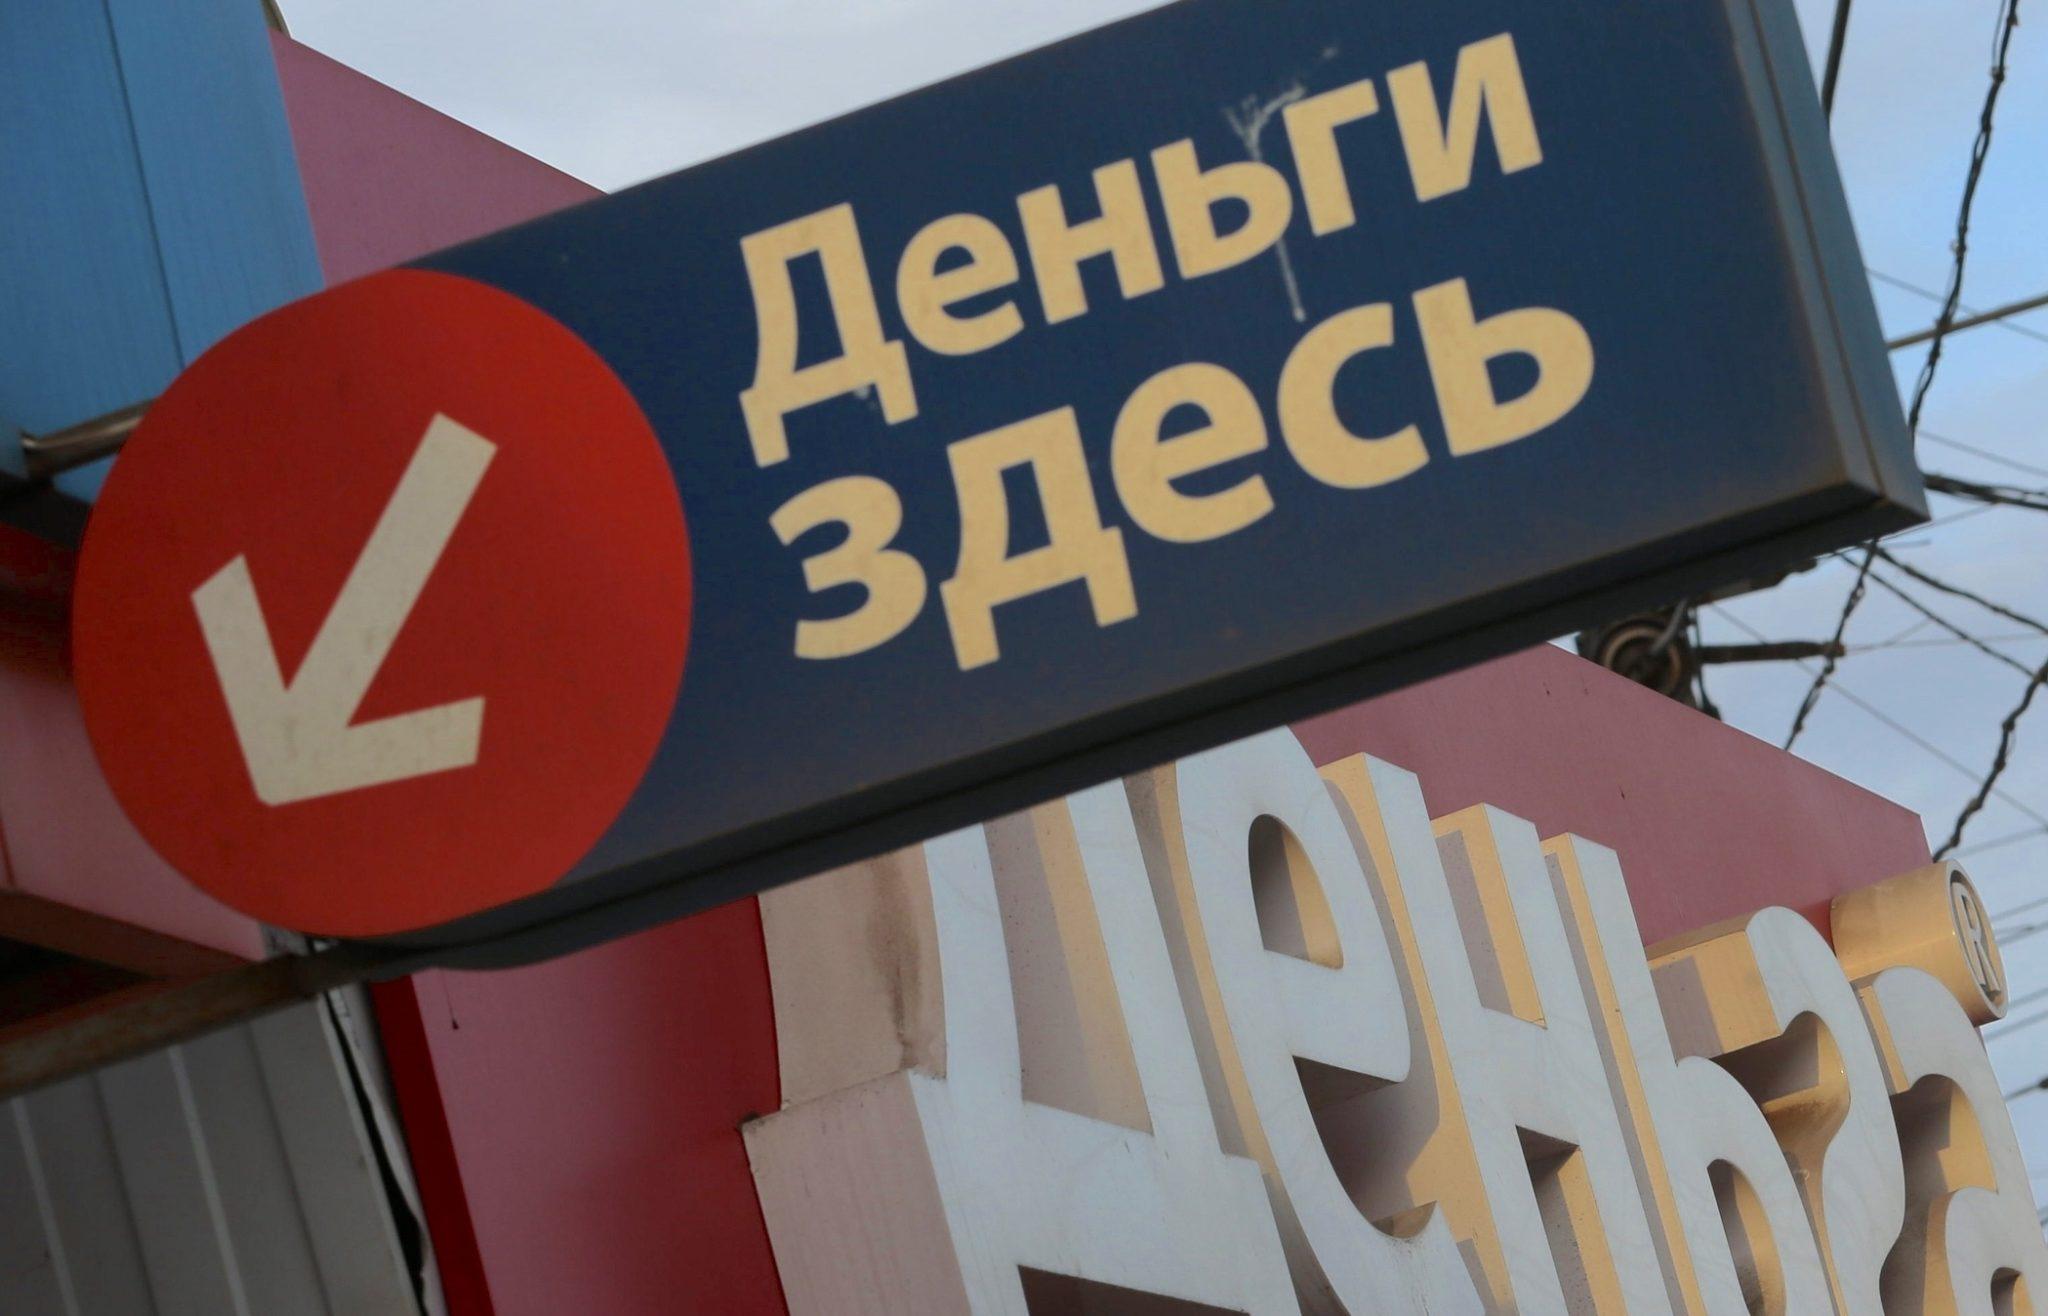 кредит без прописки города русфинанс кредит самара